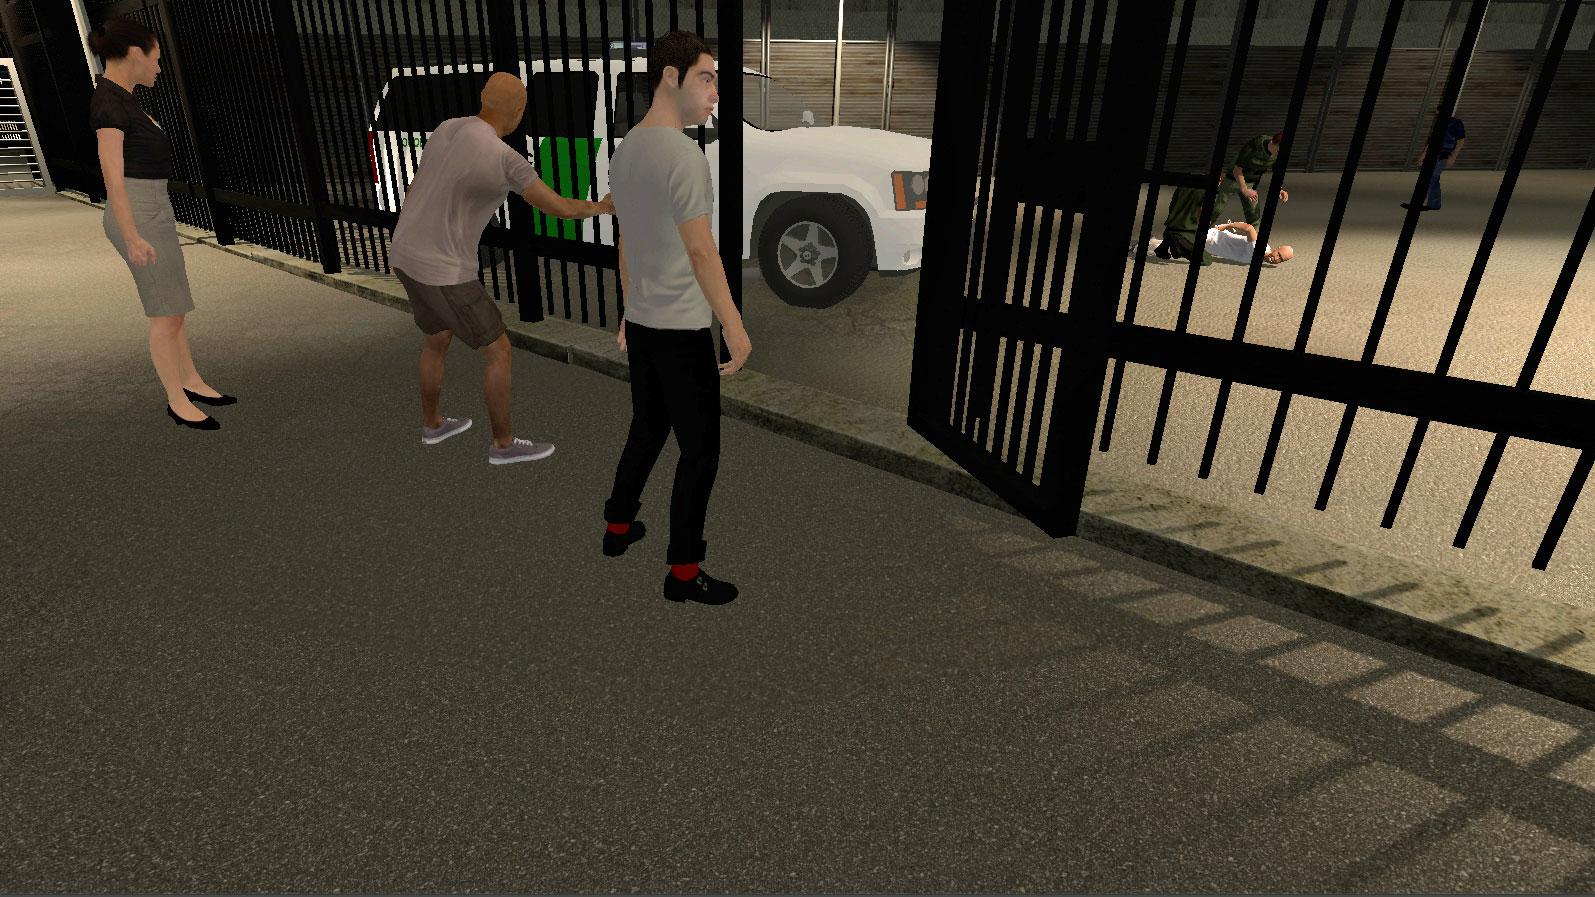 Сцена из «Применения силы» (Use of Force)— журналистского эксперимента ввиртуальной реальности, имитирующего ситуацию, когда нелегальный мигрант Анастасио Рохас был забит до смерти агентами пограничного патруля. Use of Force / Nonny de la Peña